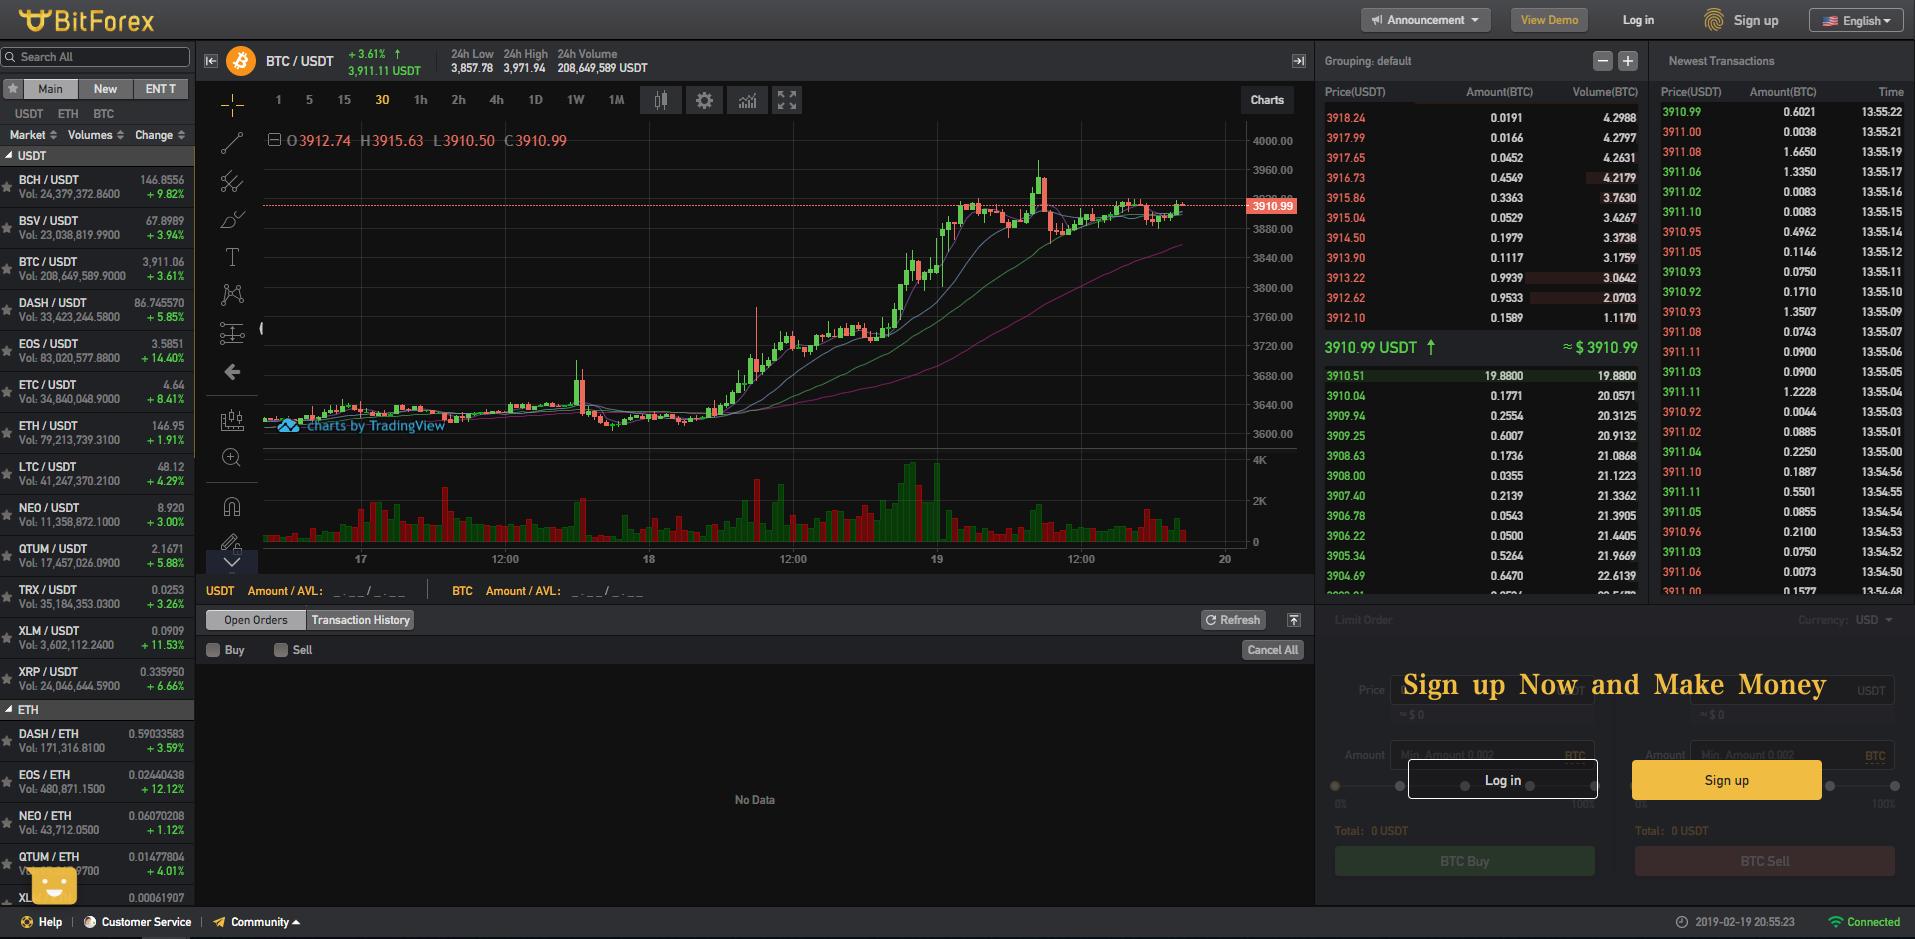 BitForex Trading View